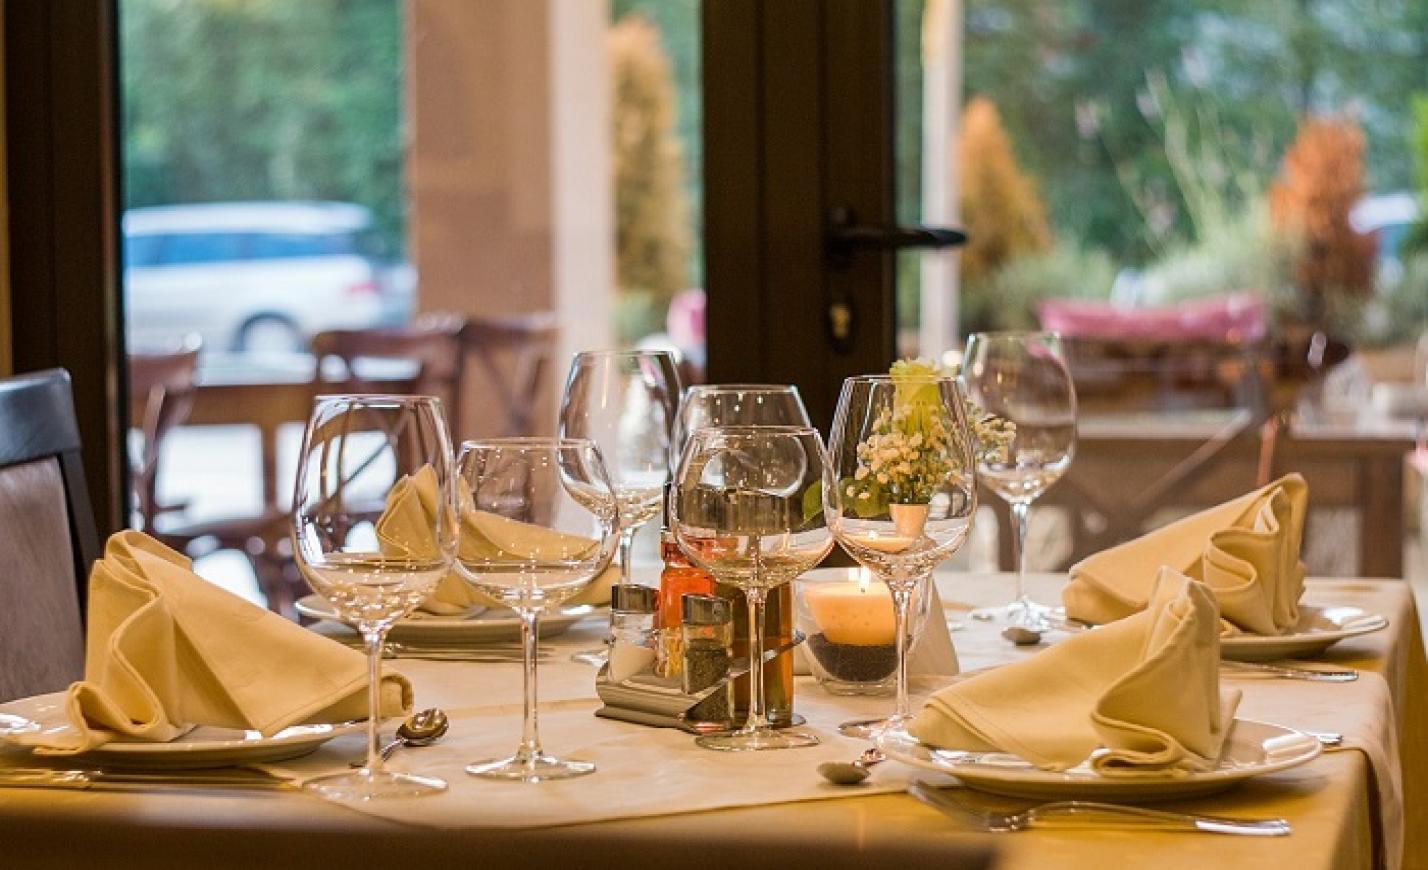 Magyarországon 15 étterem vesz részt idén a francia gasztronómiai világünnepén